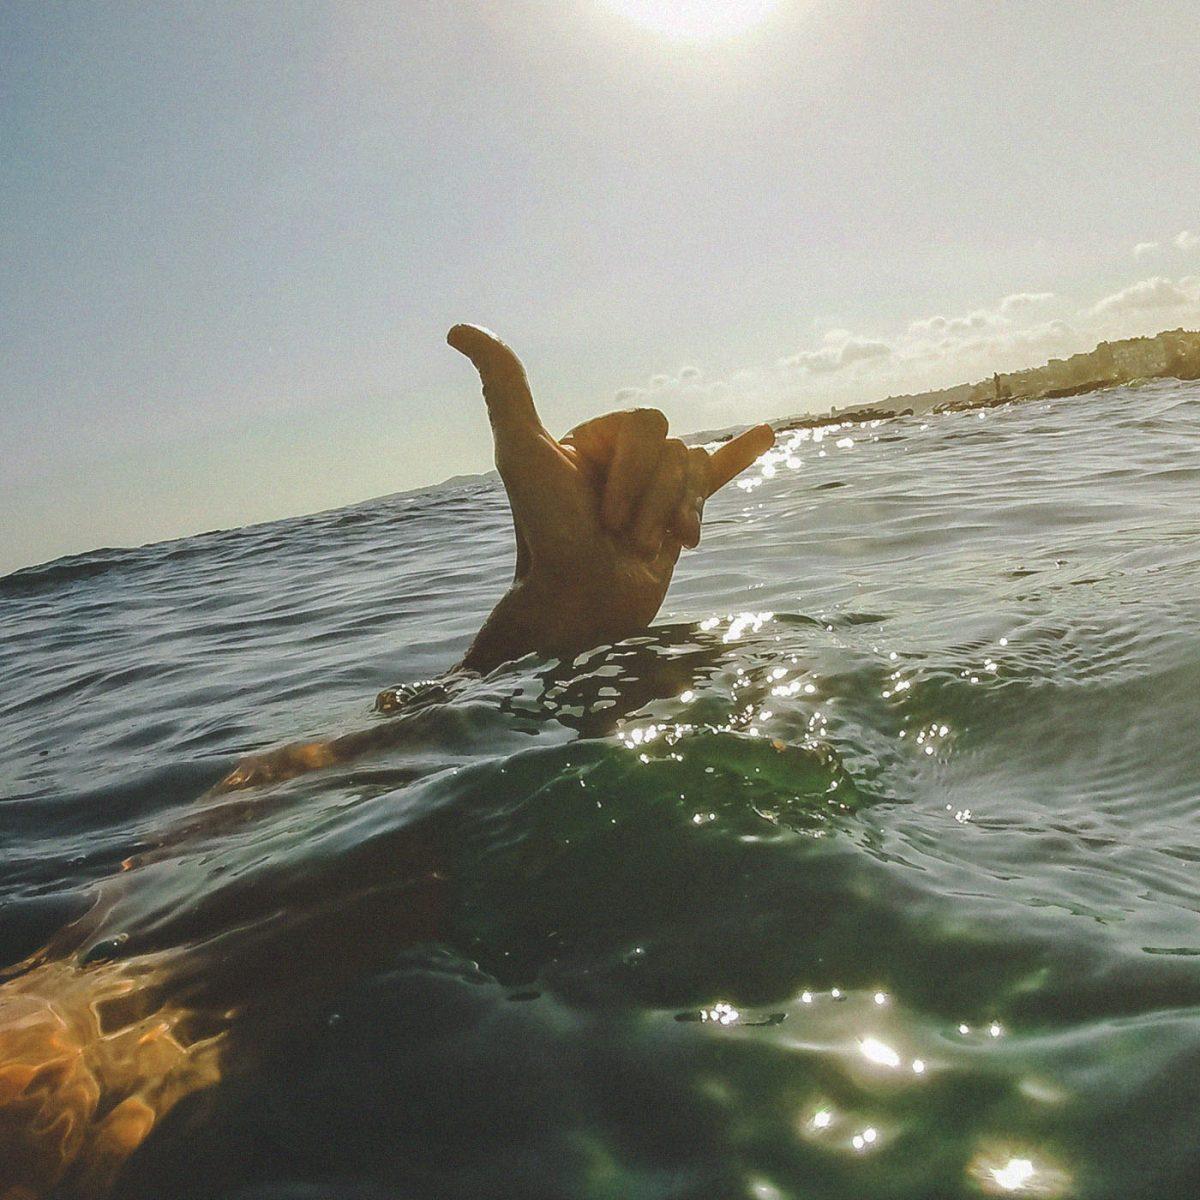 Mão de surfista profissional fazendo sinal de shaka brah dentro do mar